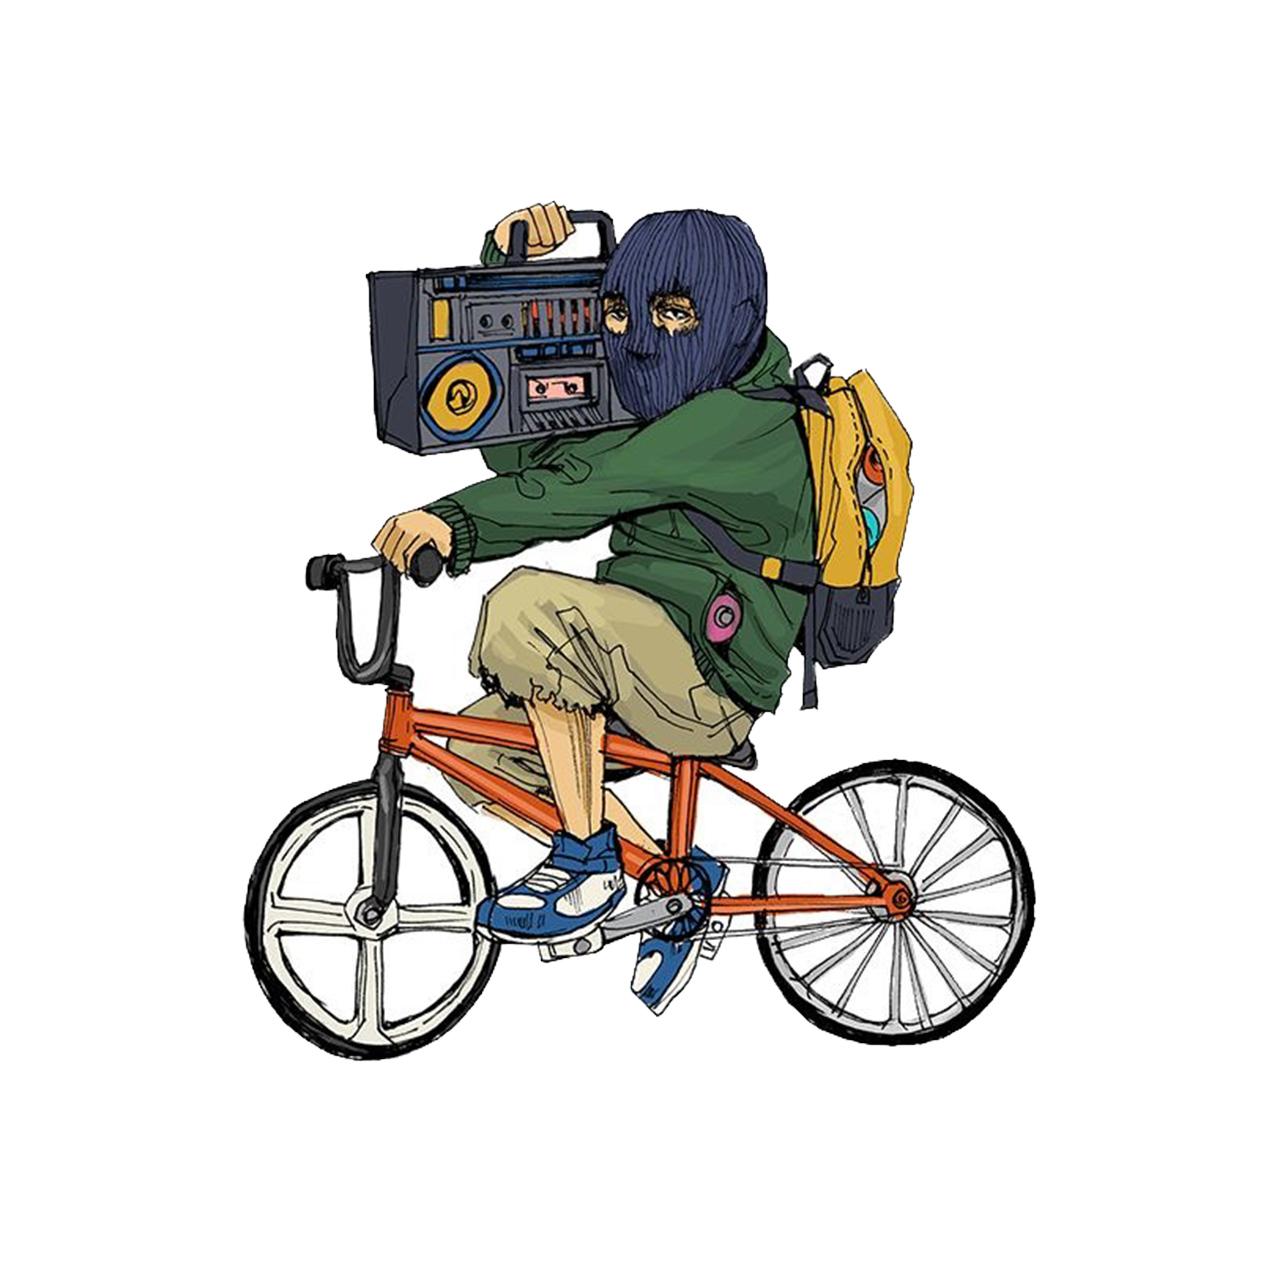 استیکر لپ تاپ طرح دوچرخه کد 1760